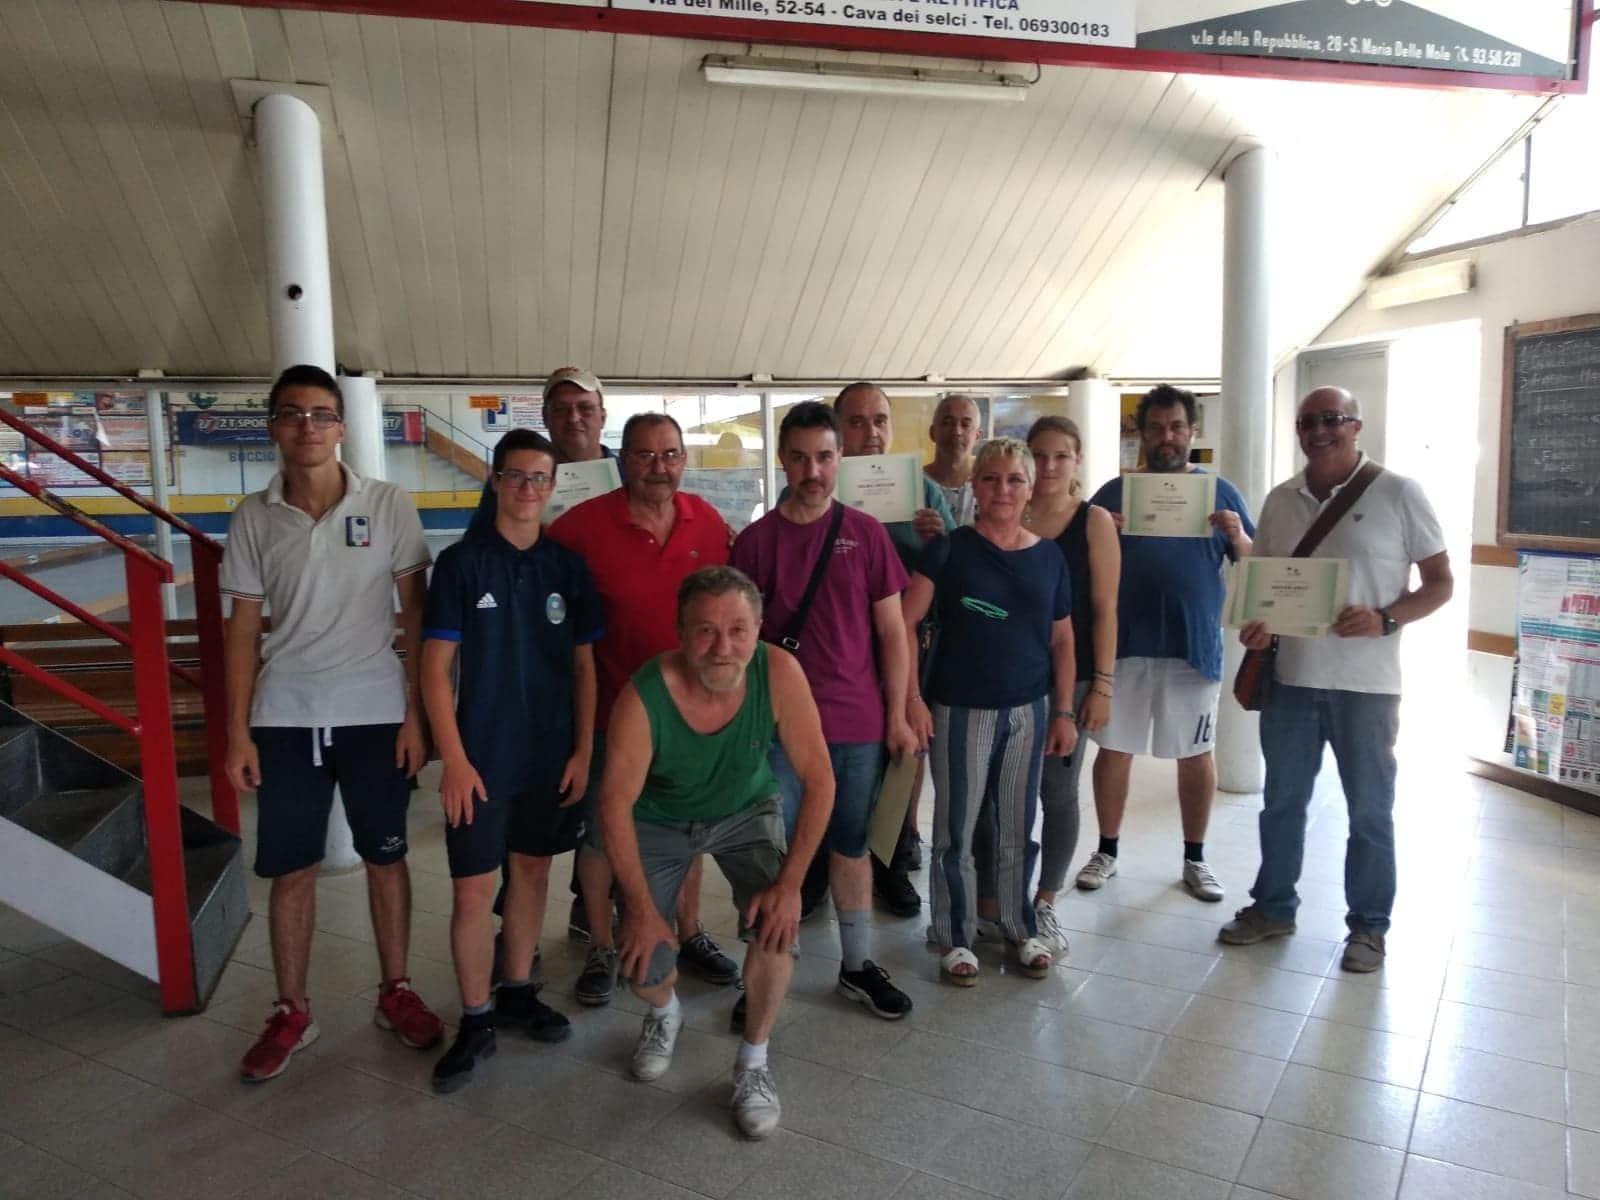 La Squadra Paralimpica dell'ASD Boville mentre si allena